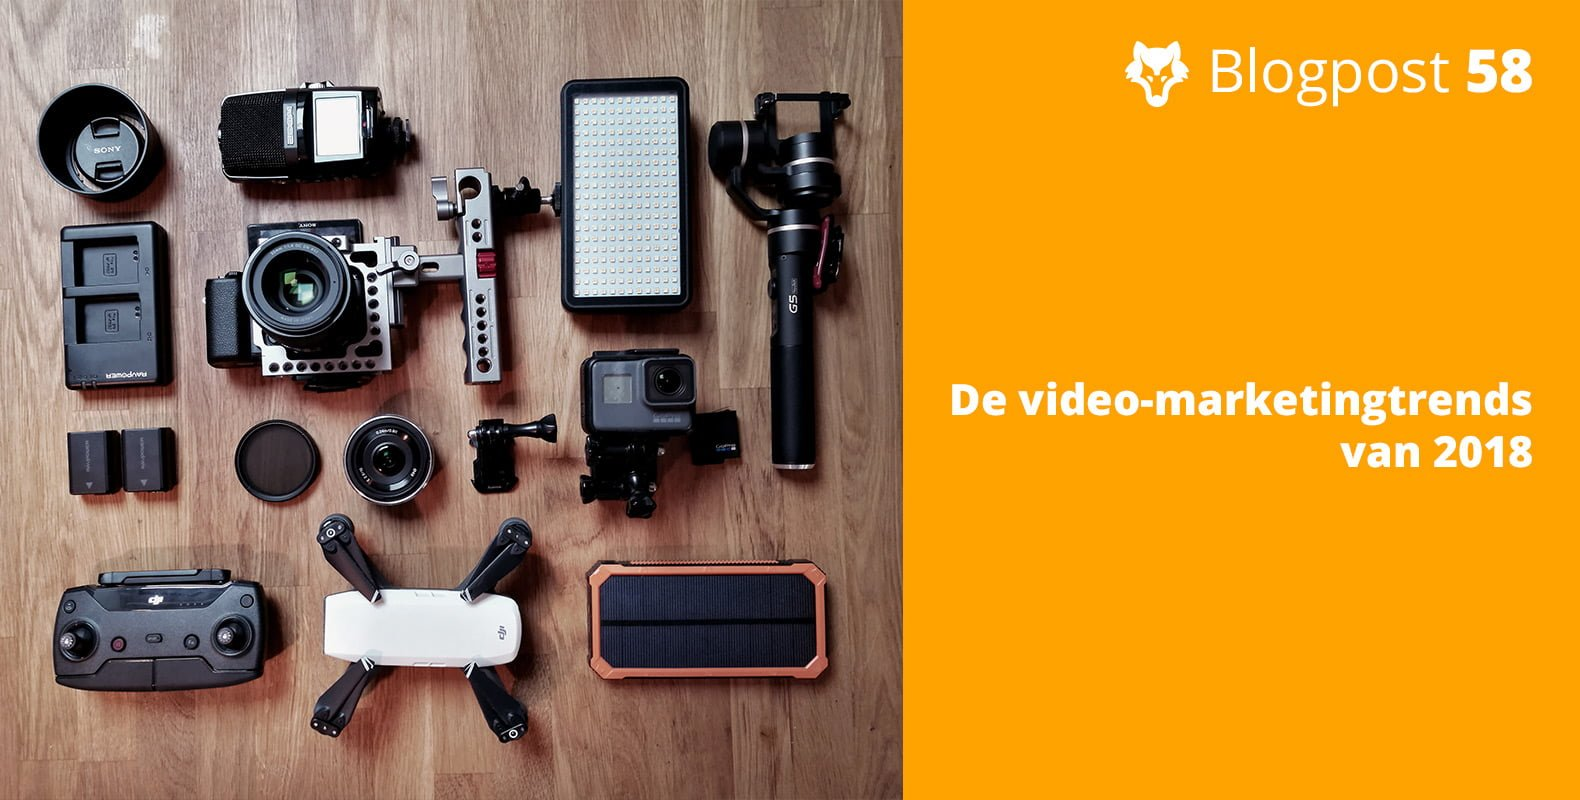 De video-marketingtrends van 2018